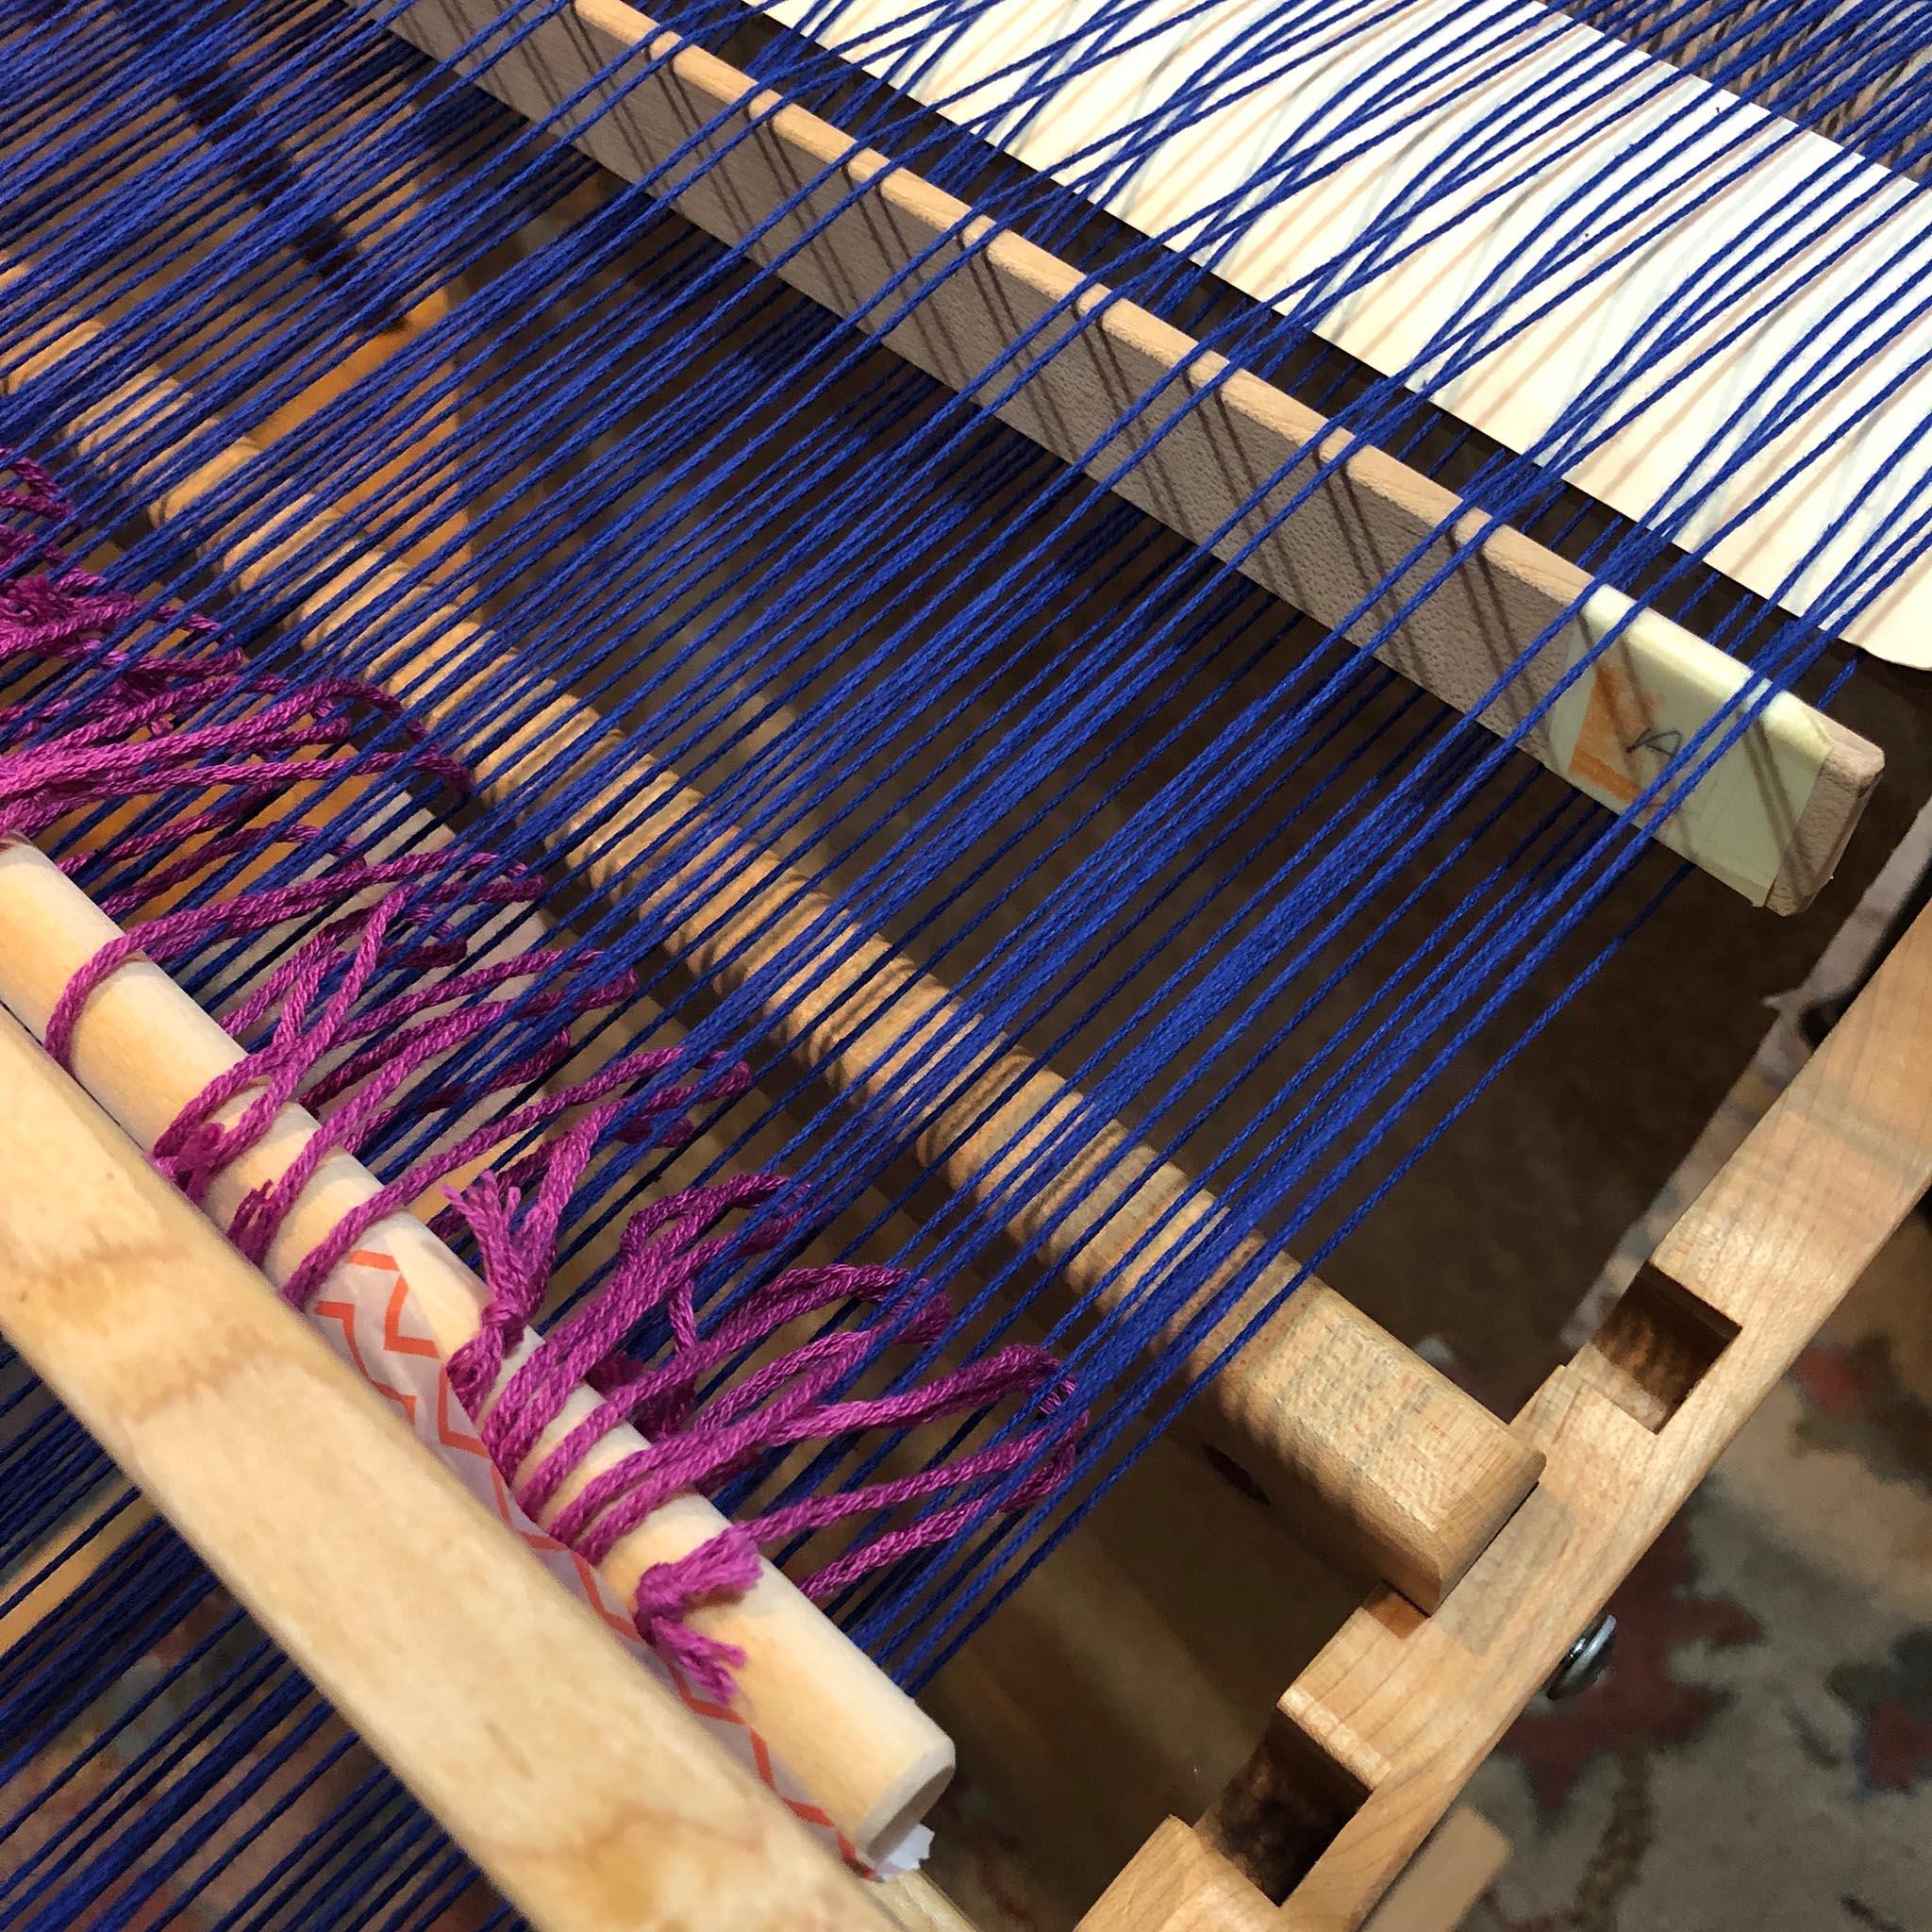 String Heddle & Heddle Rod Tutorial for Rigid Heddle Looms